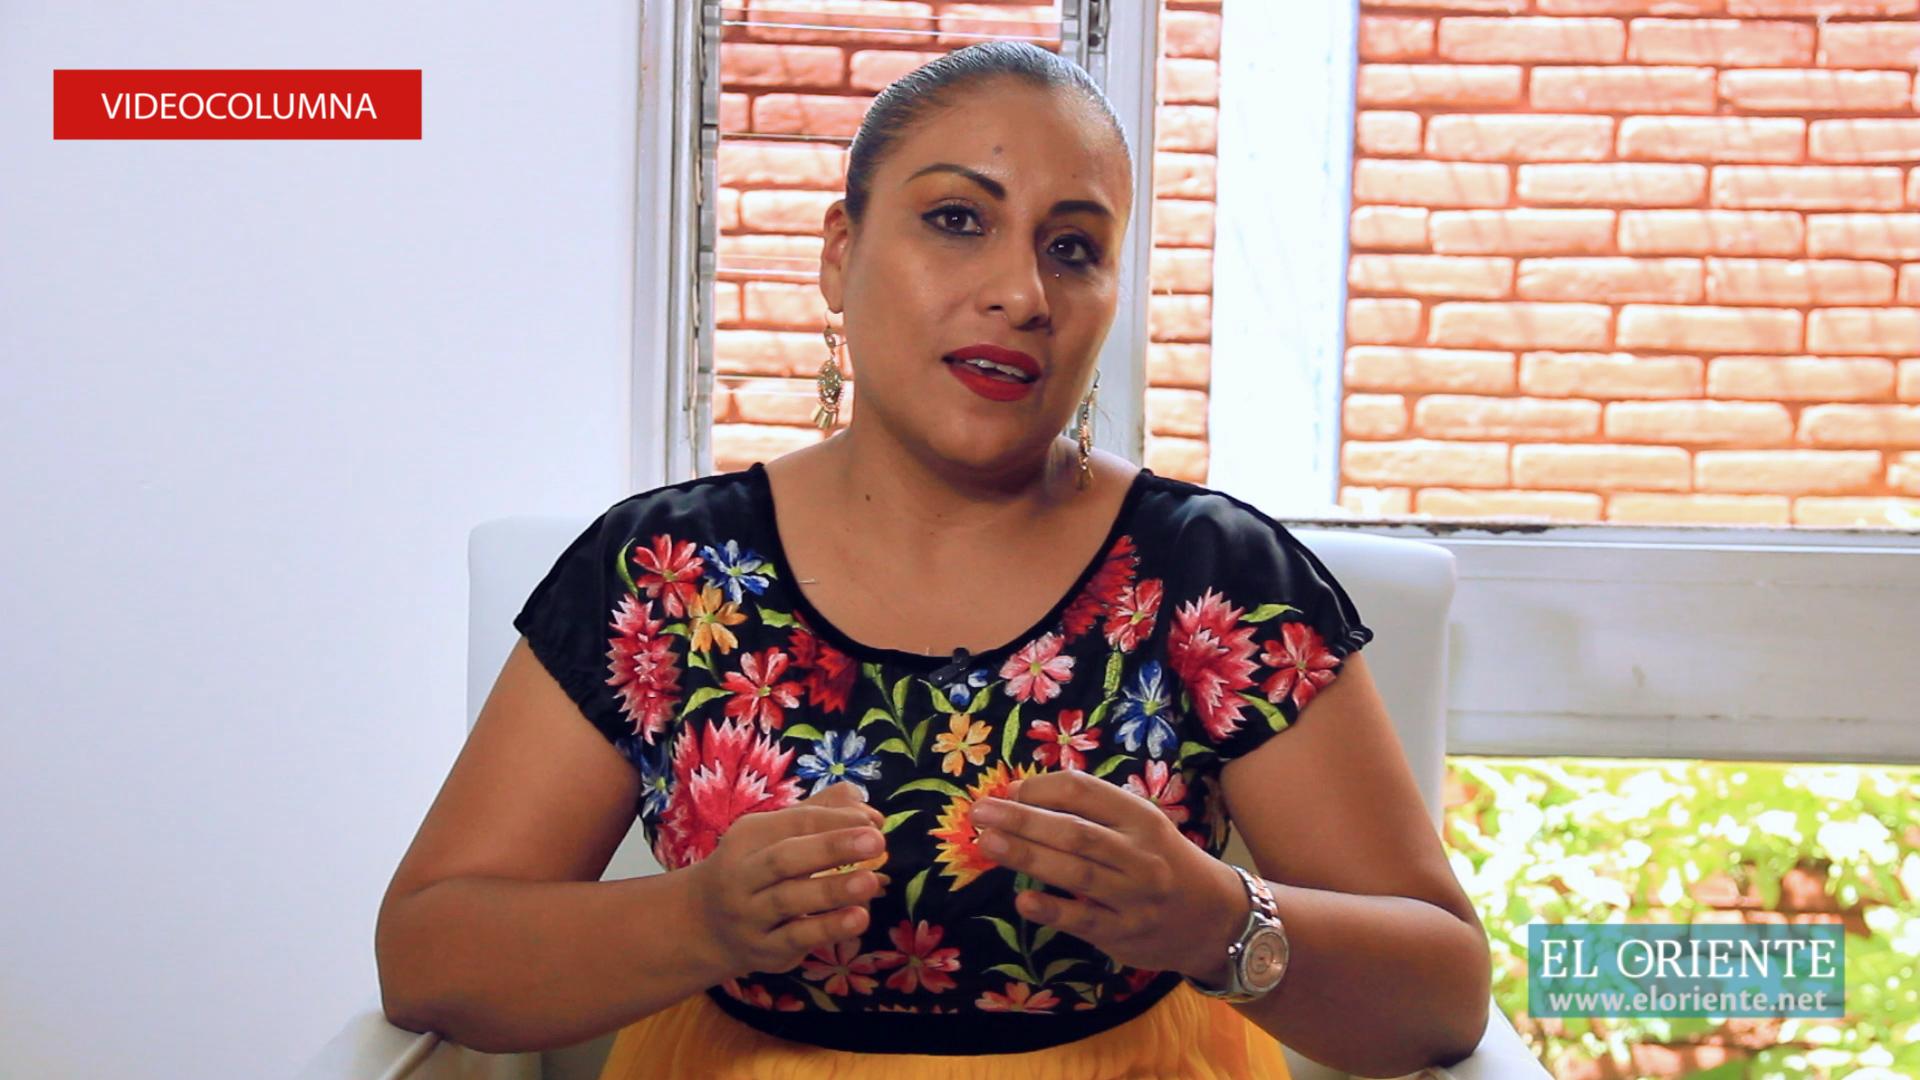 KARINA BARÓN 5 DE SEPTIEMBRE